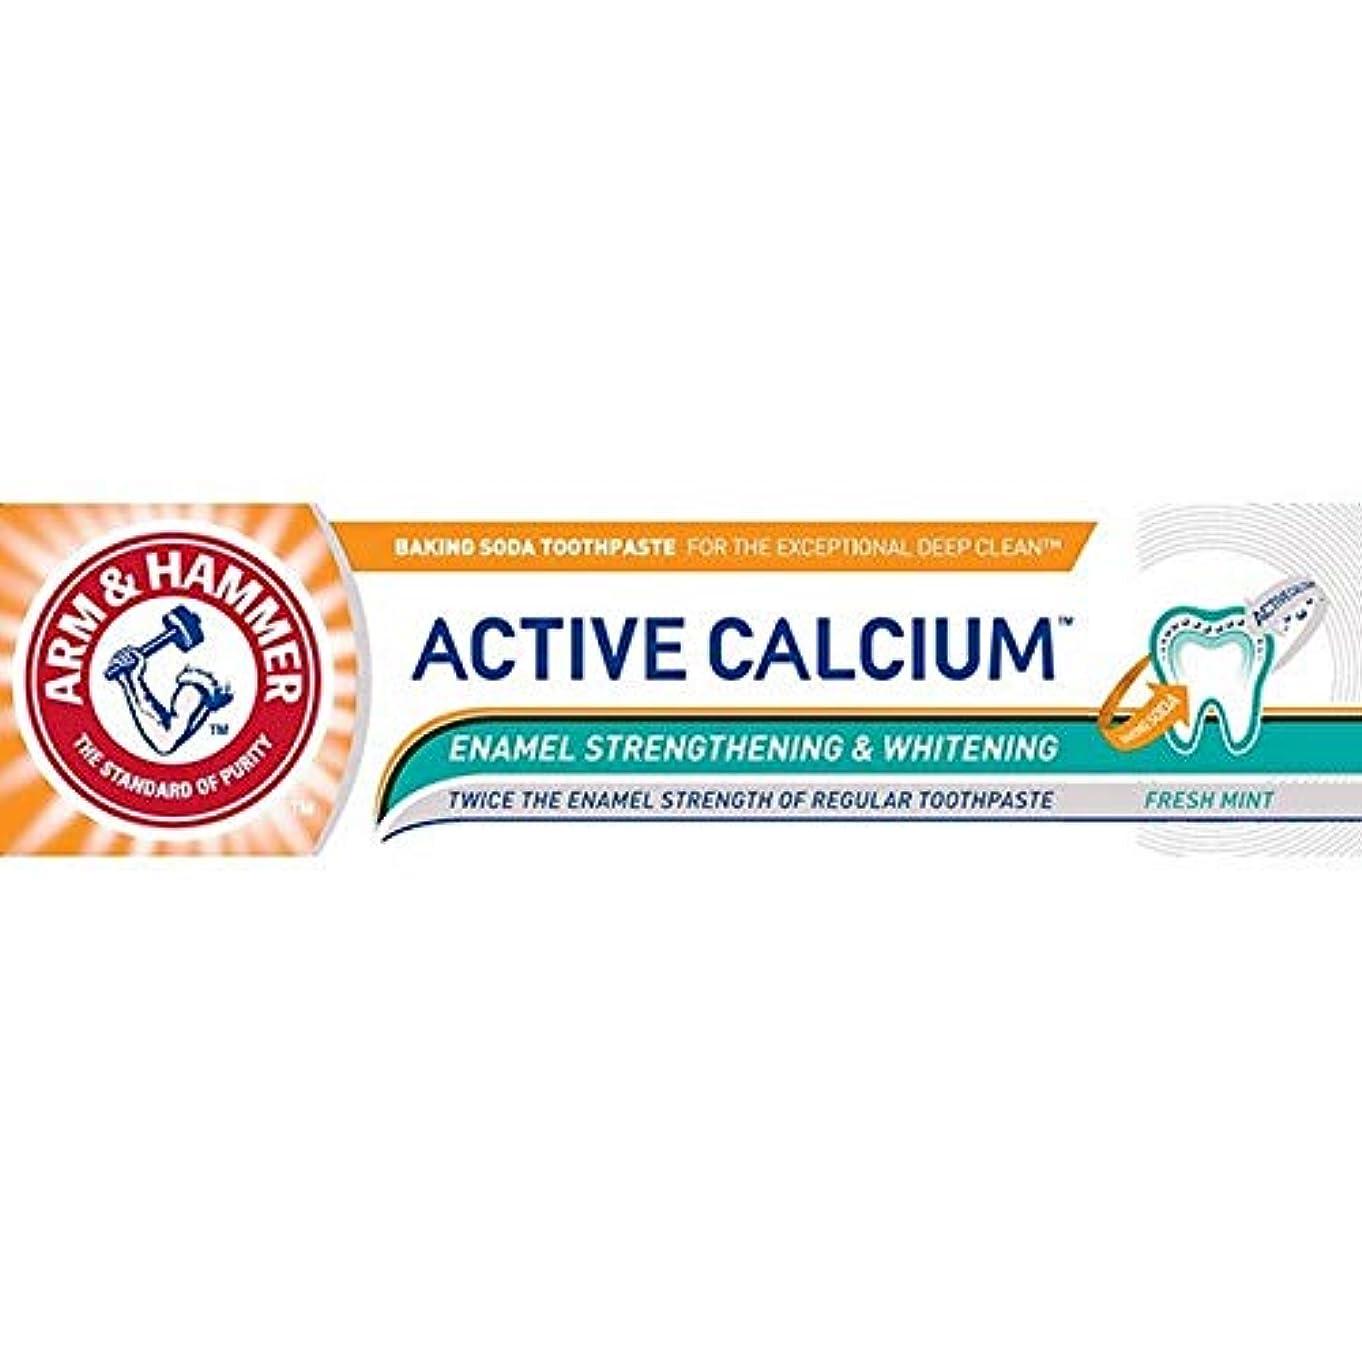 ゴミ箱を空にする業界観点[Arm & Hammer ] アーム&ハンマーアクティブカルシウムの75ミリリットル - Arm & Hammer Active Calcium 75ml [並行輸入品]